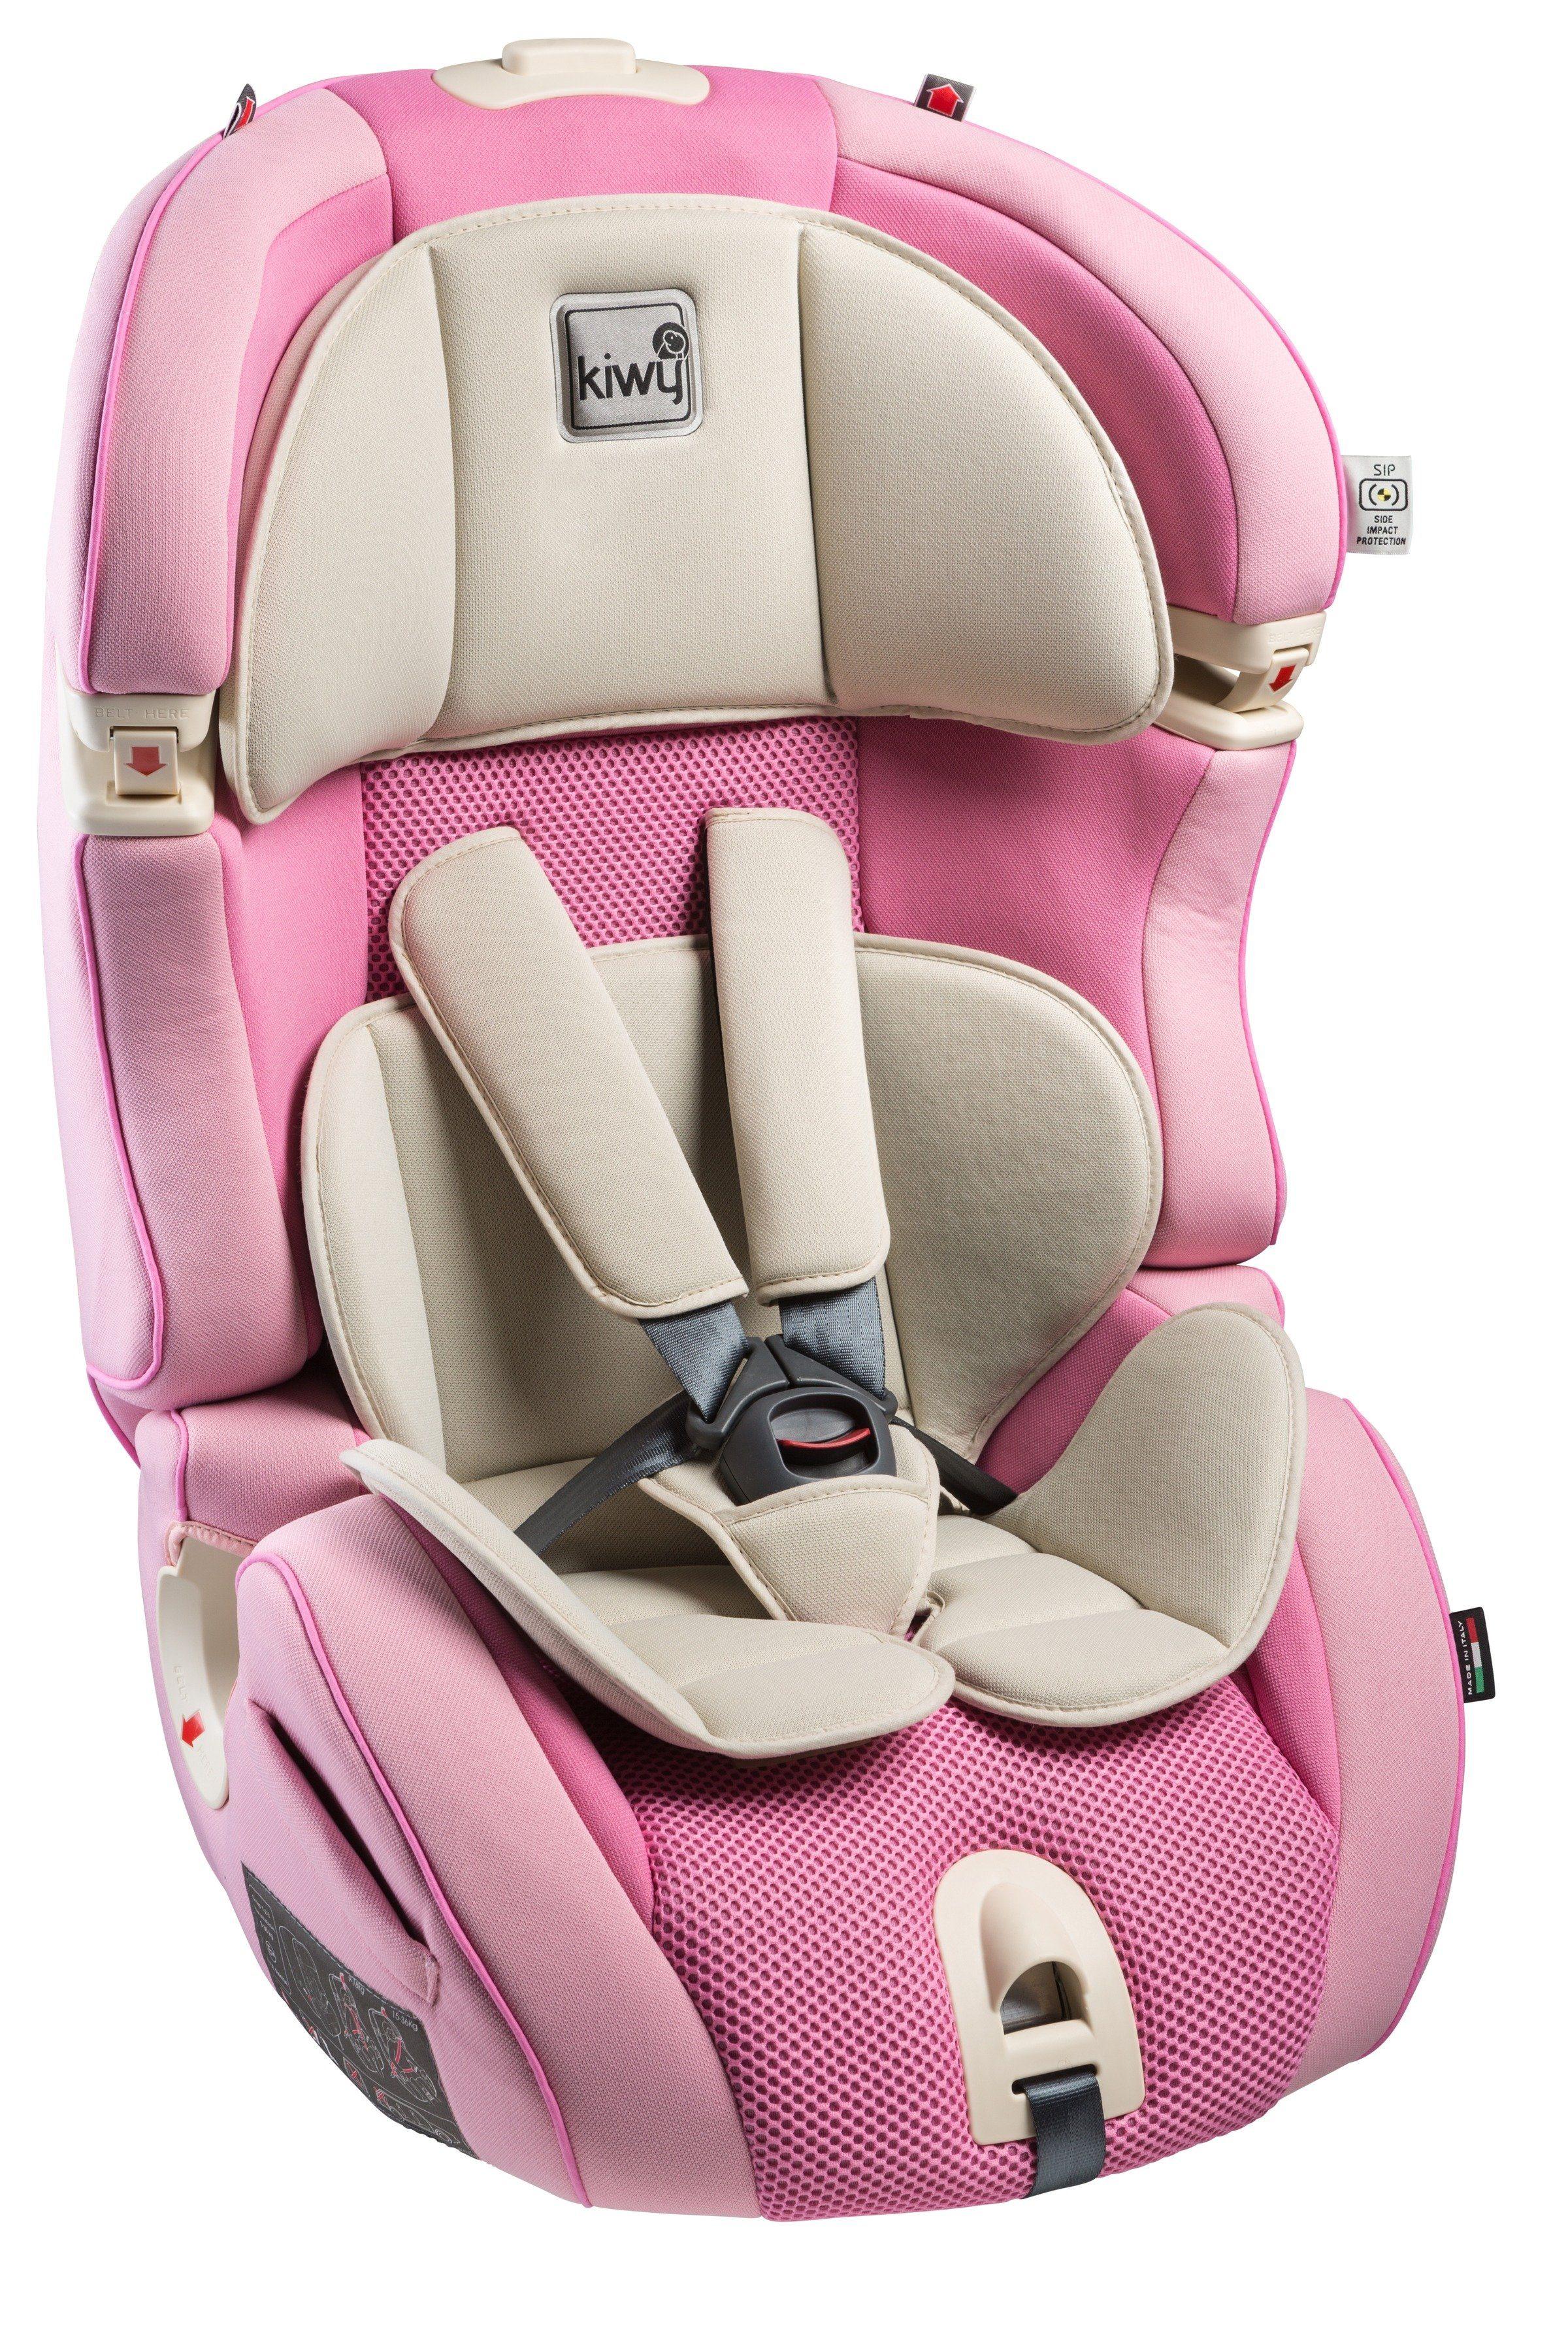 Kiwy Kindersitz »kiwy SL123 Universal, candy«